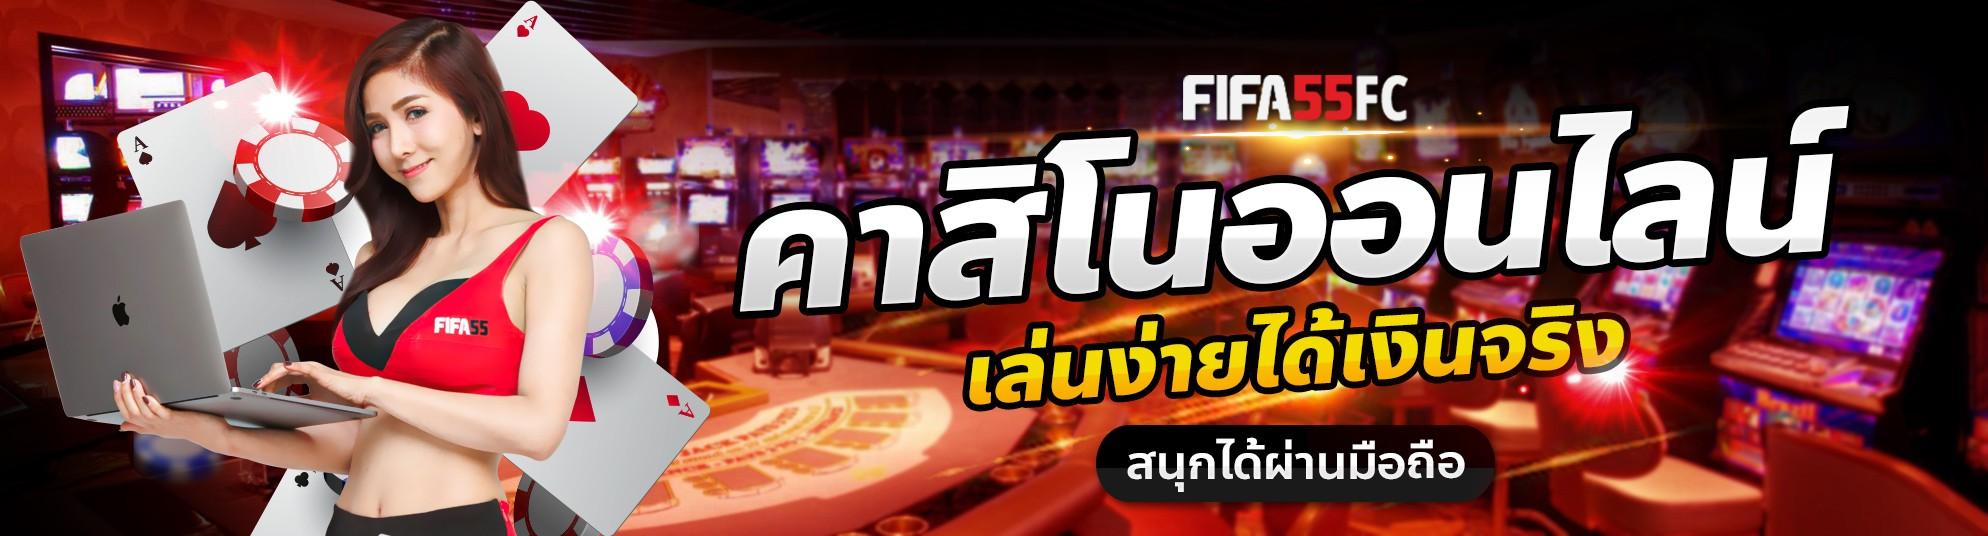 FIFA55 คาสิโนออนไลน์